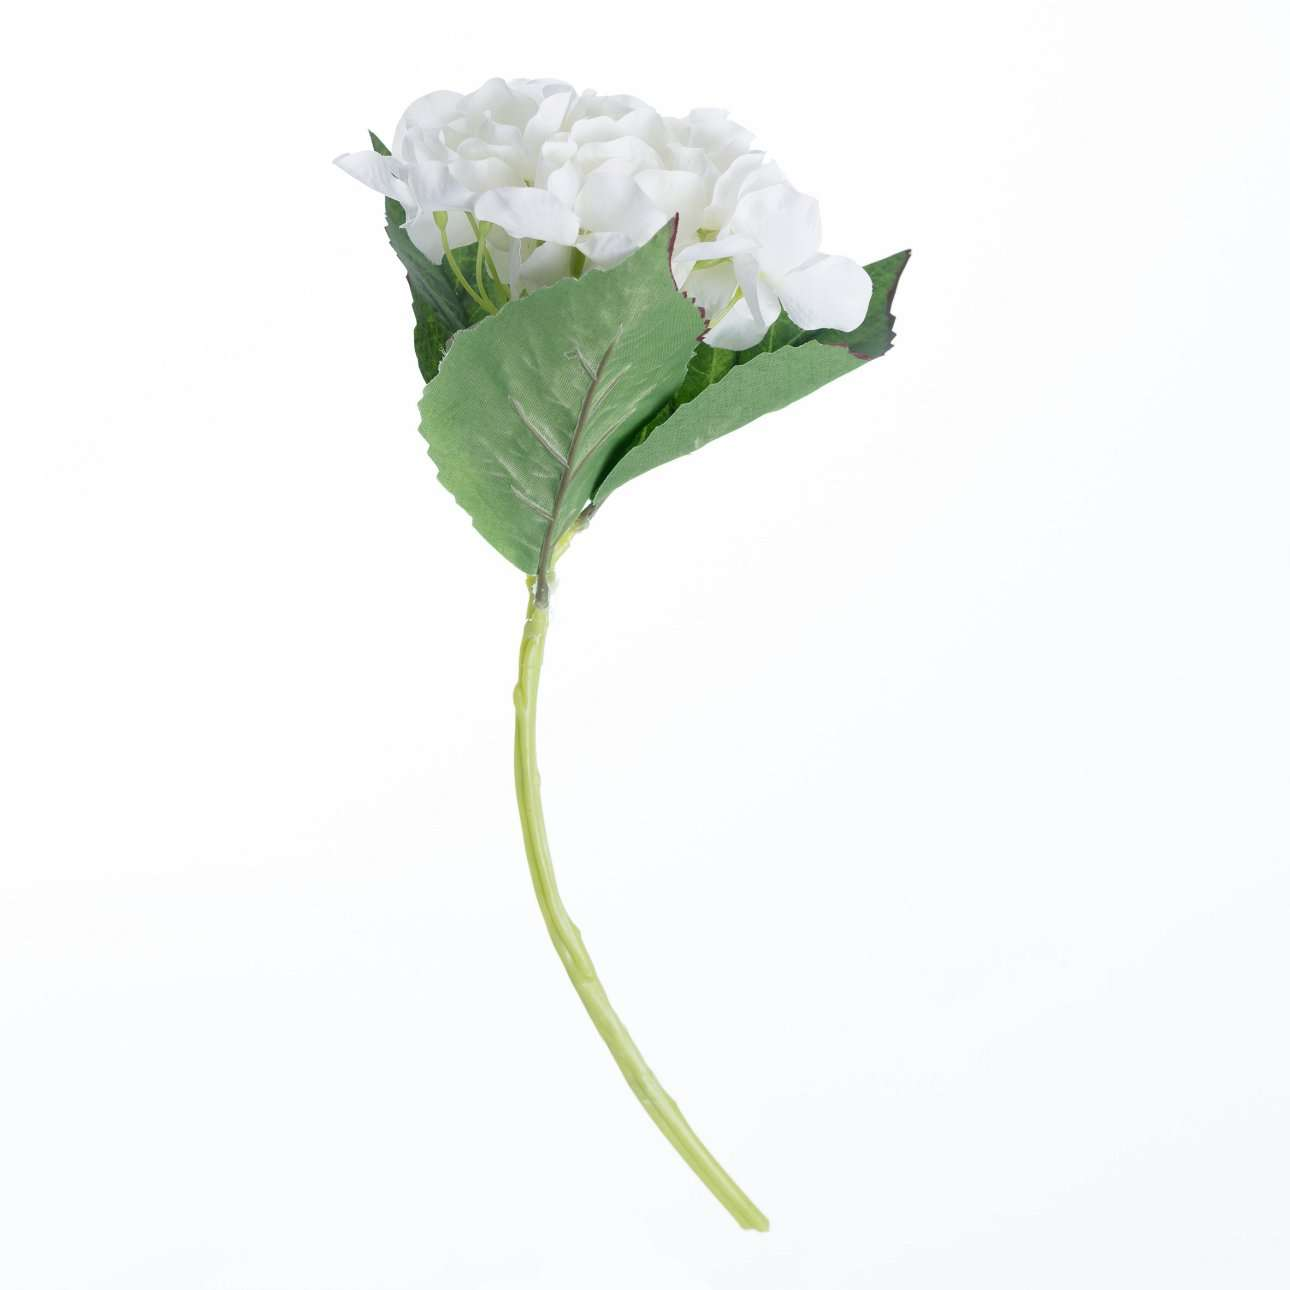 Artificial White Hydrangea H 36 cm